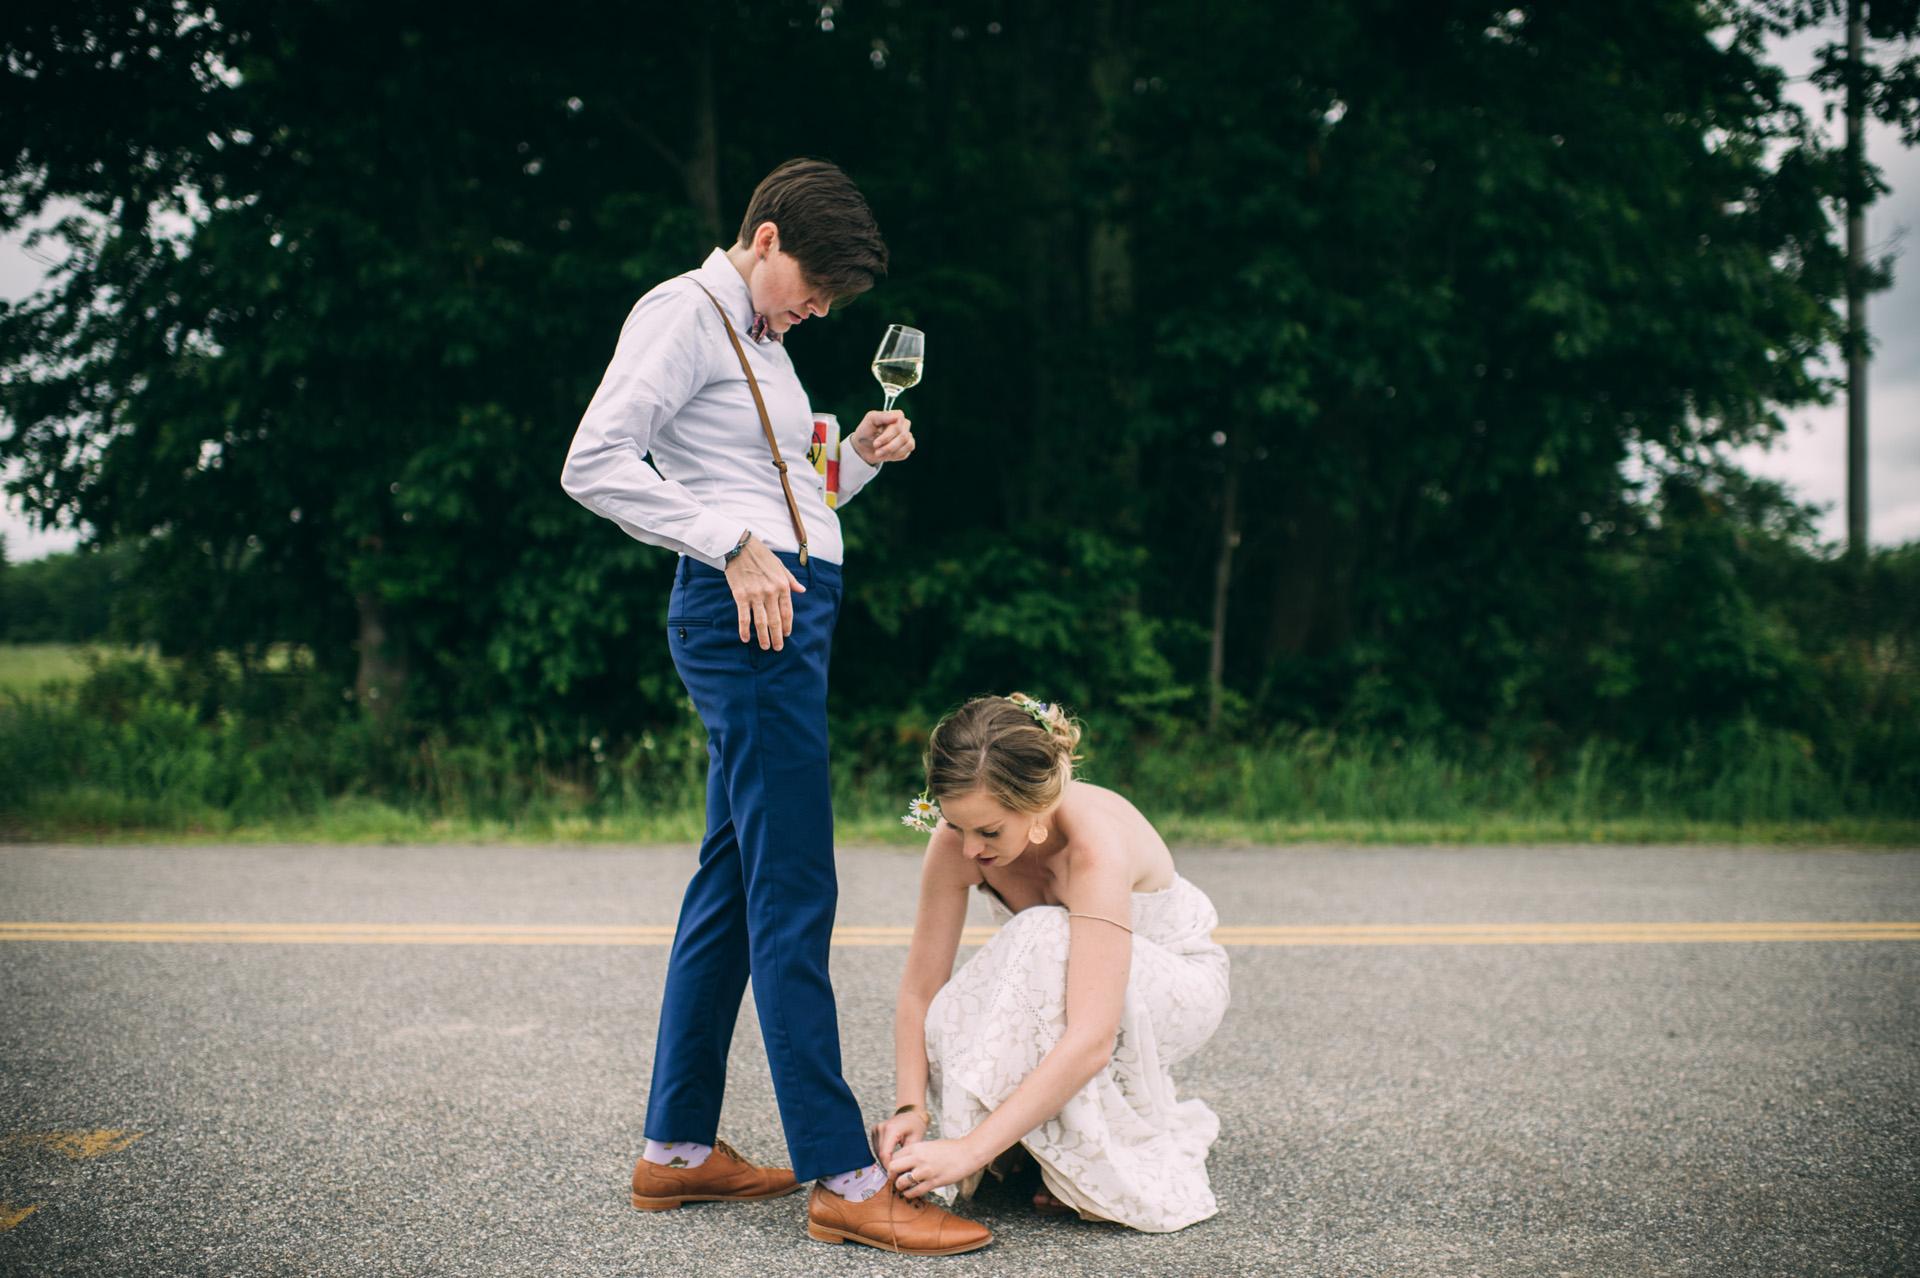 broadturn-farm-wedding-62